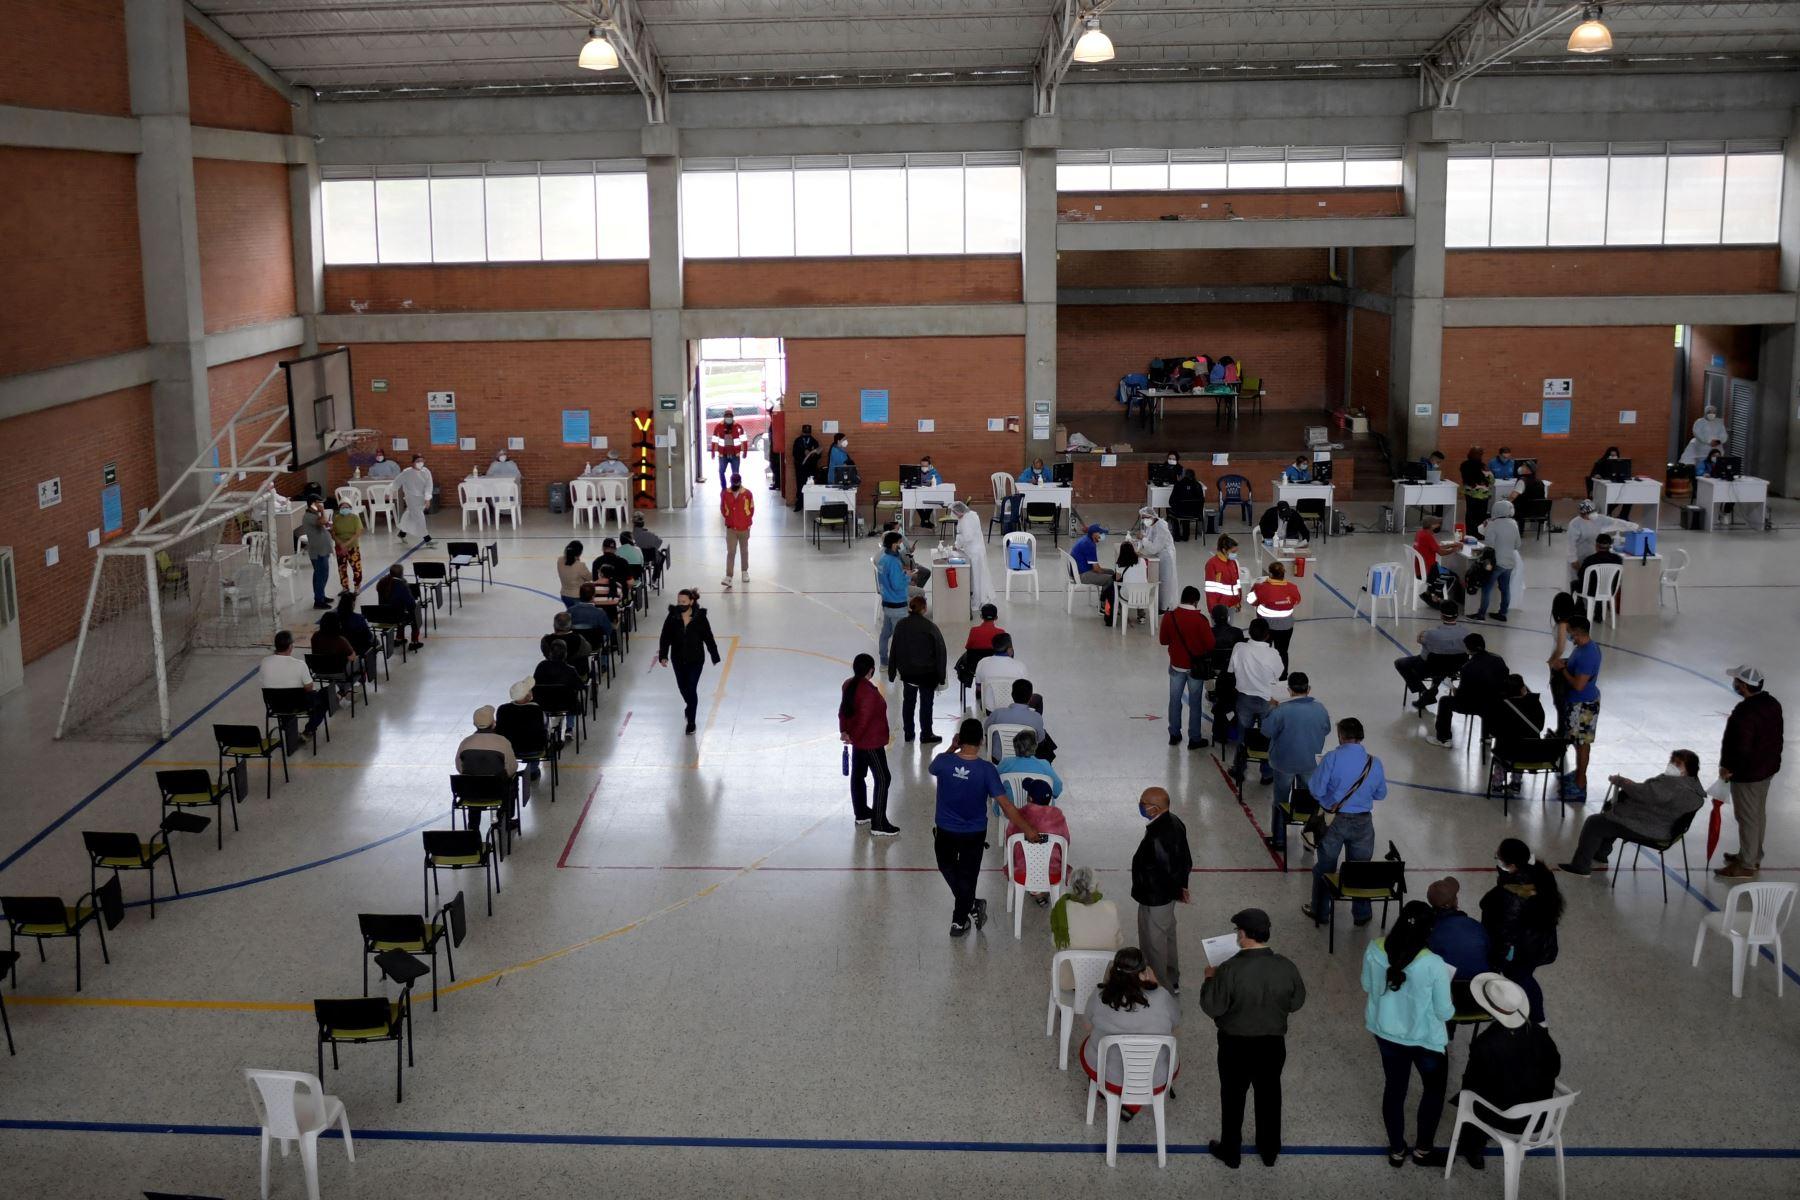 La gente espera ser inoculada con la vacuna Oxford AstraZeneca contra COVID-19 en medio de la pandemia del nuevo coronavirus, en Bogotá el 5 de abril de 2021. Foto: AFP